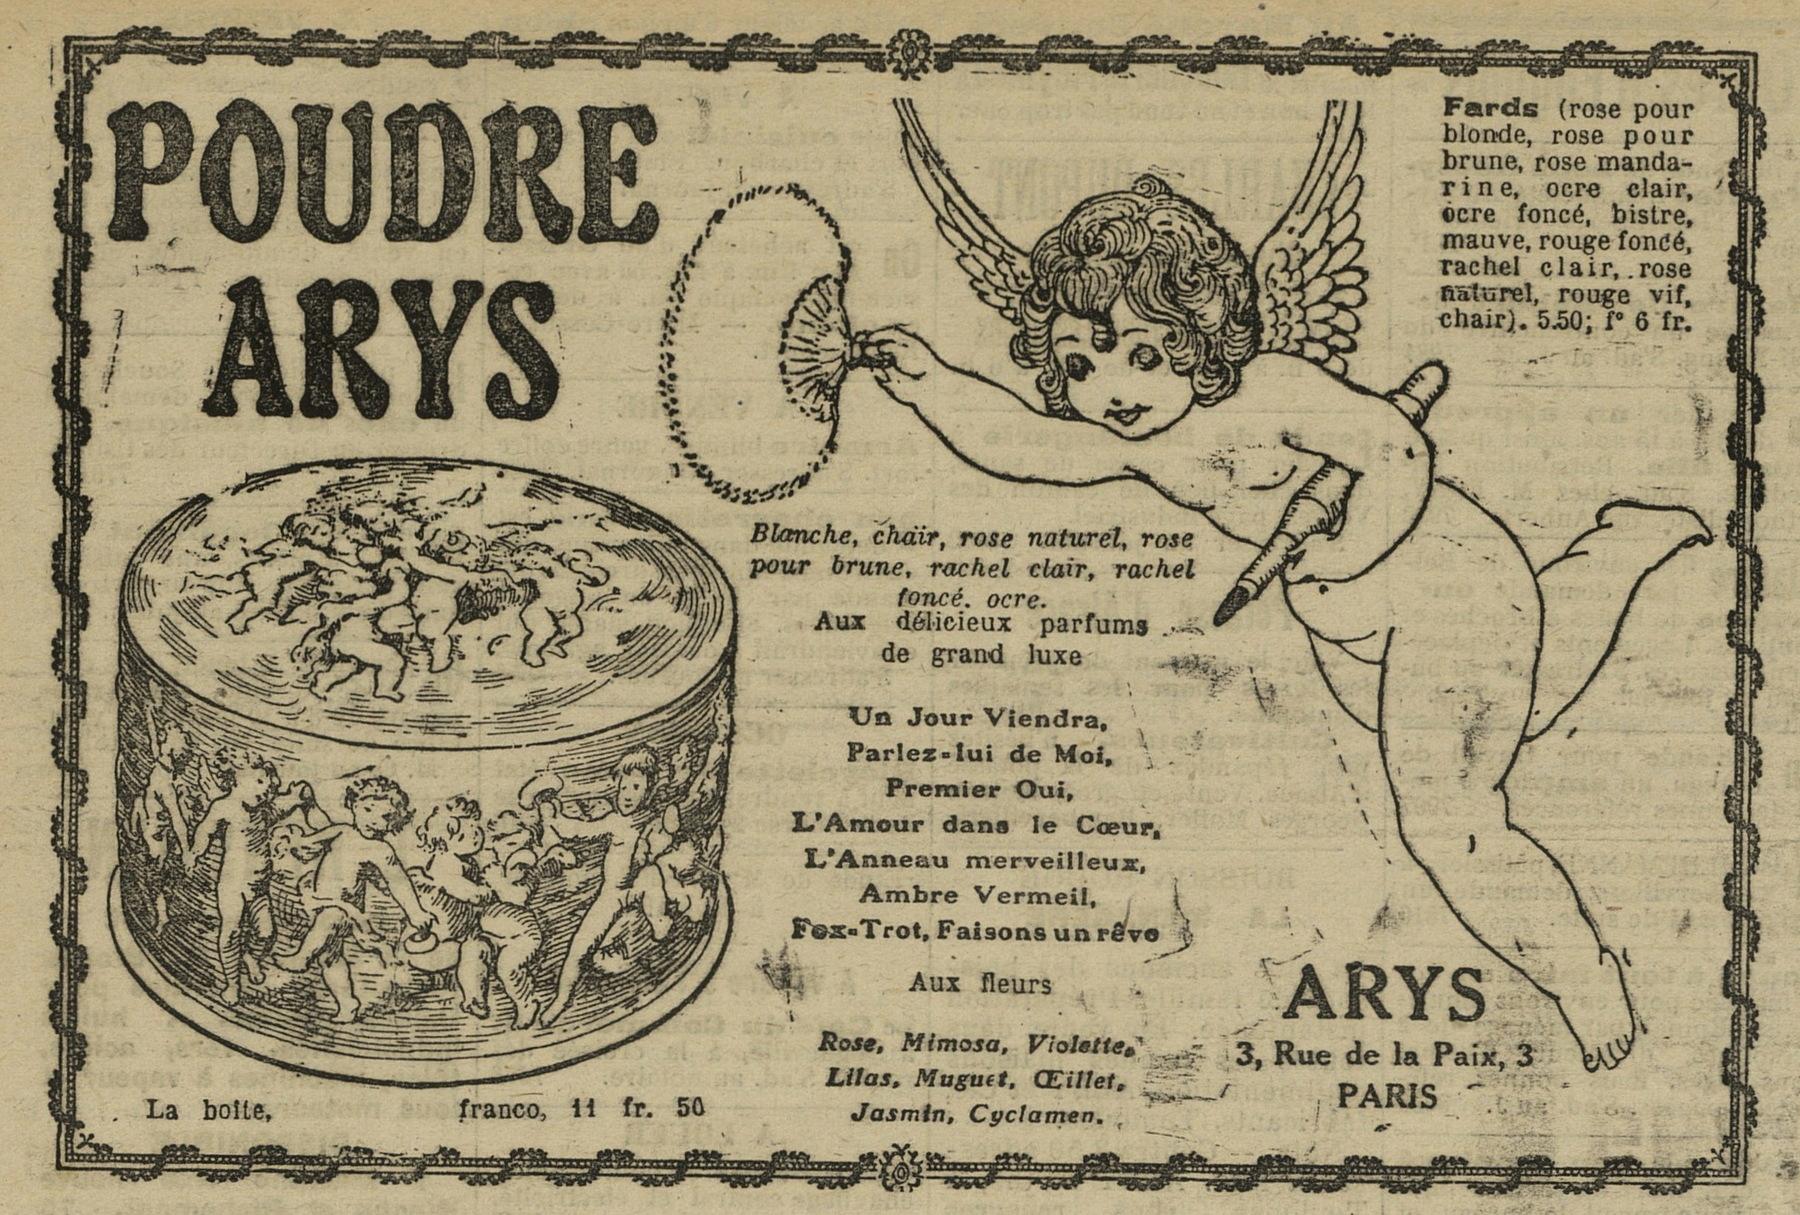 Contenu du Poudre Arys